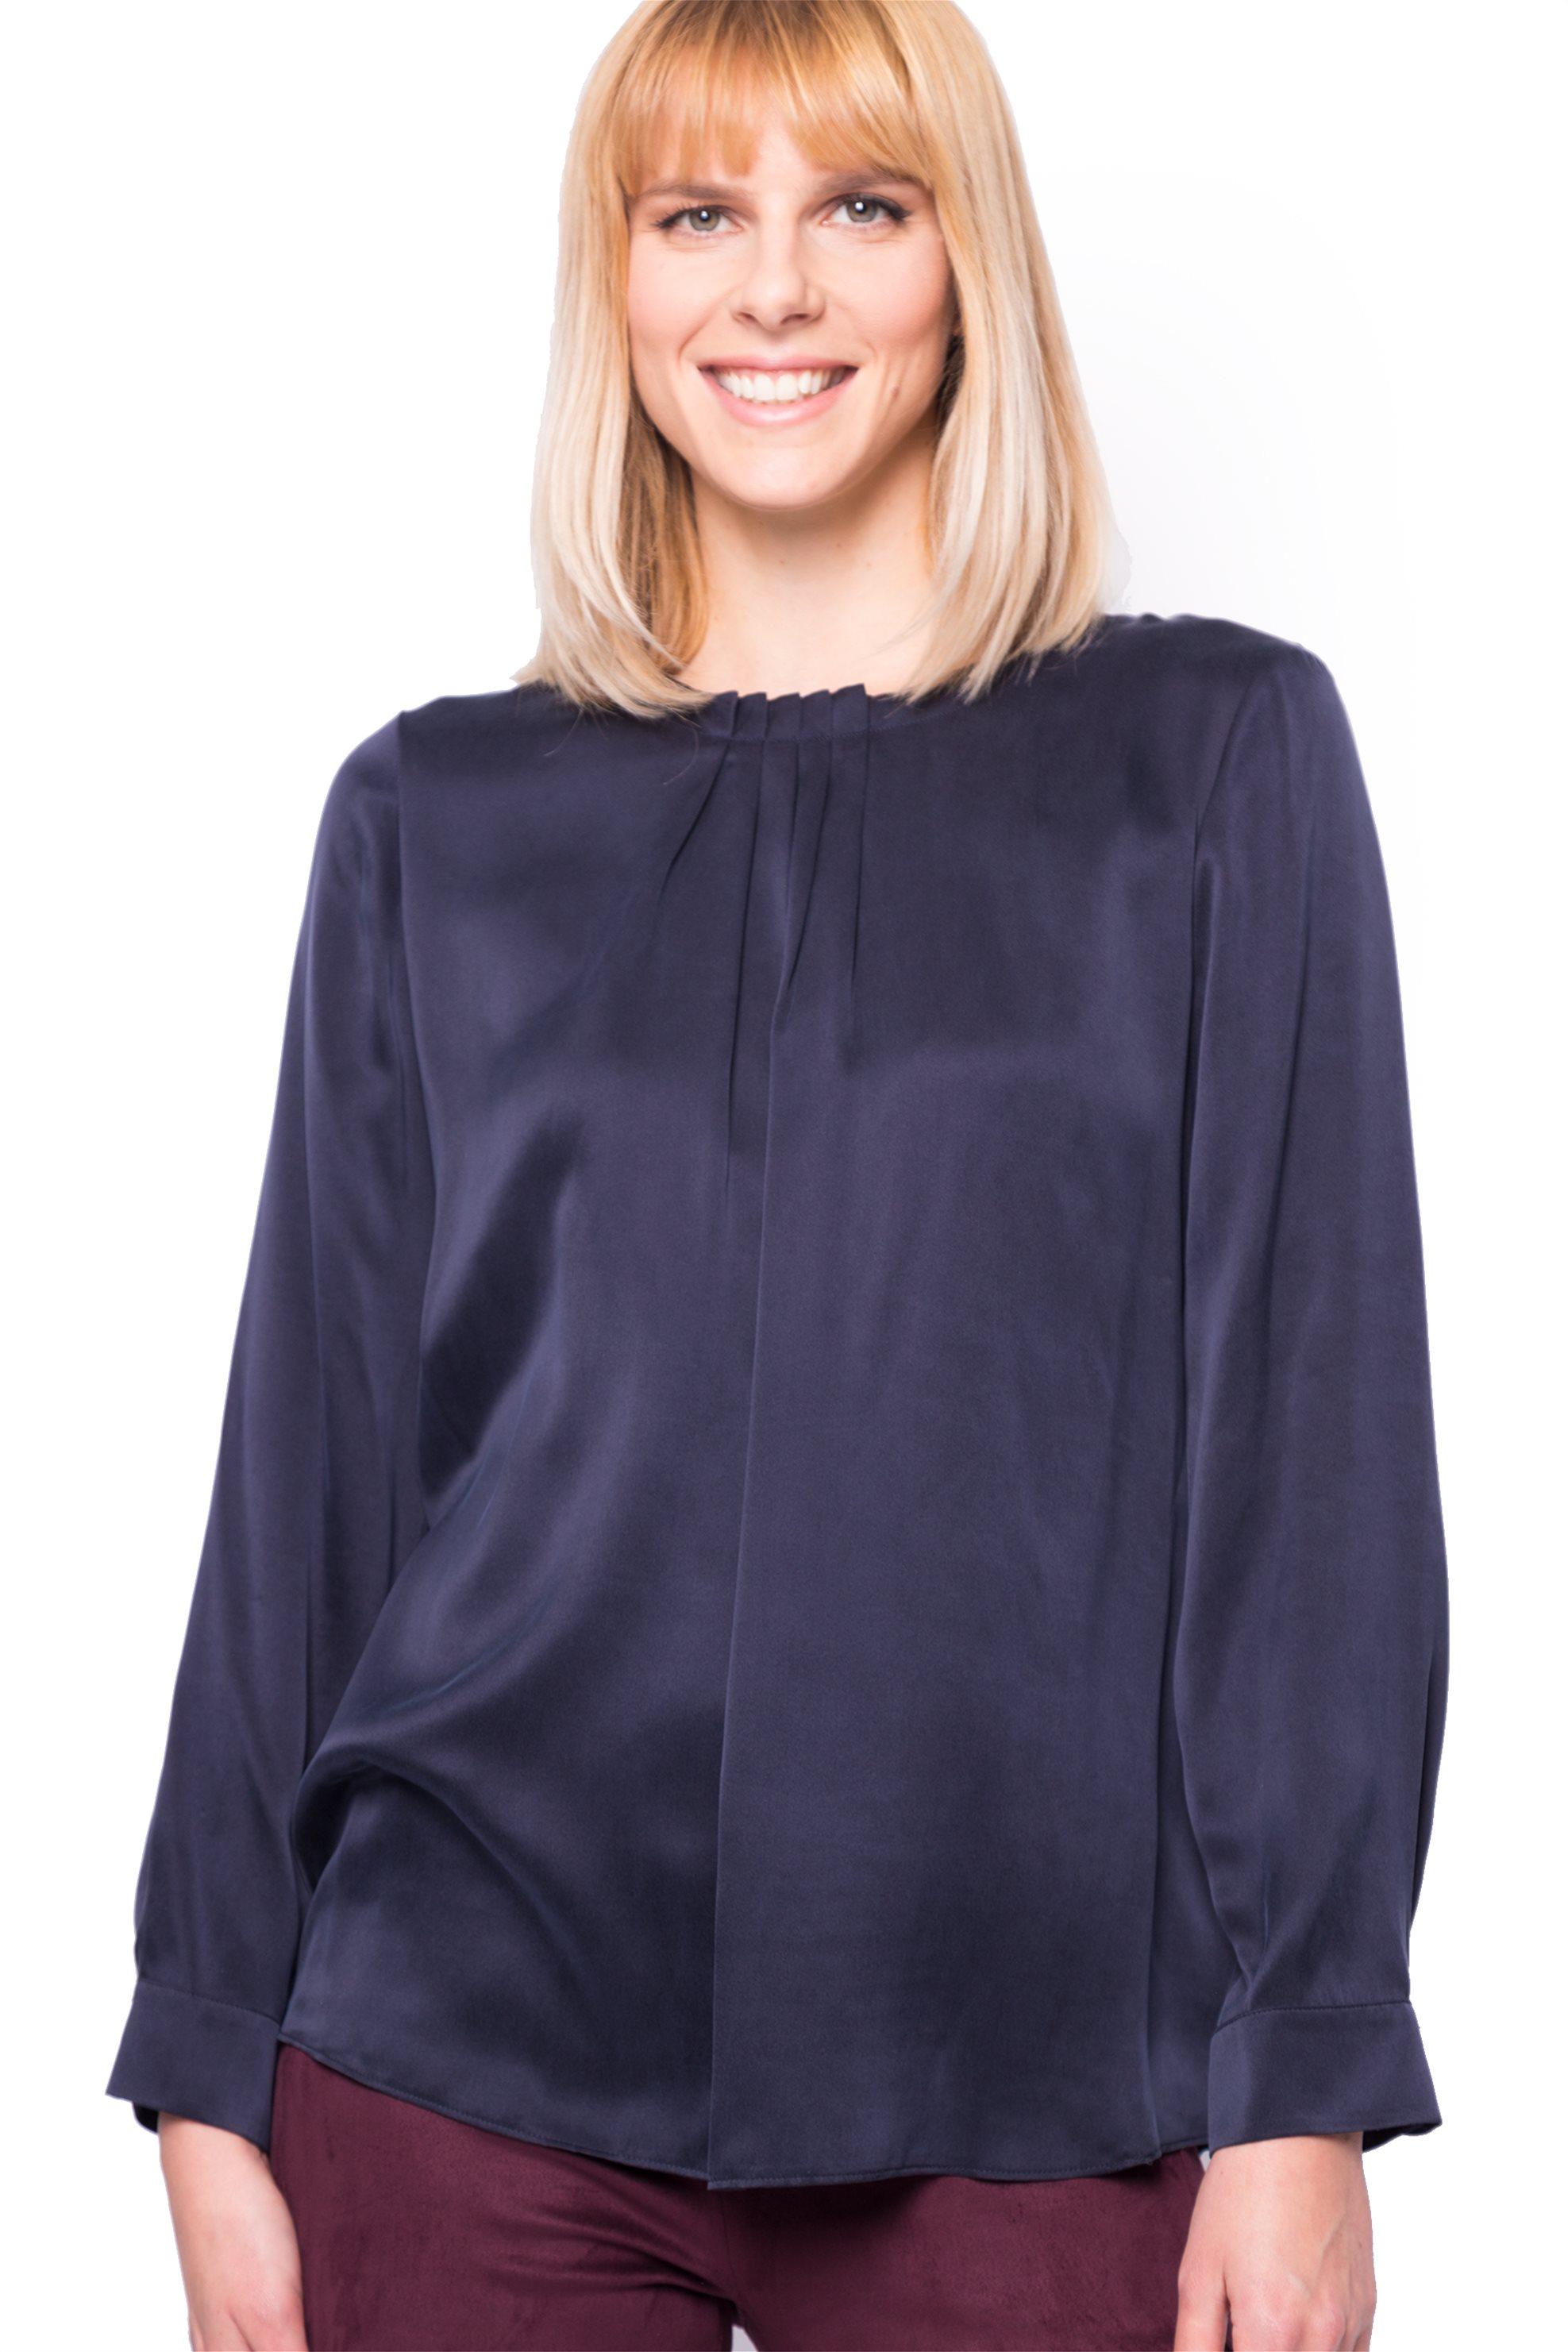 Γυναικείες Βραδυνές Μπλούζες  335d3014069